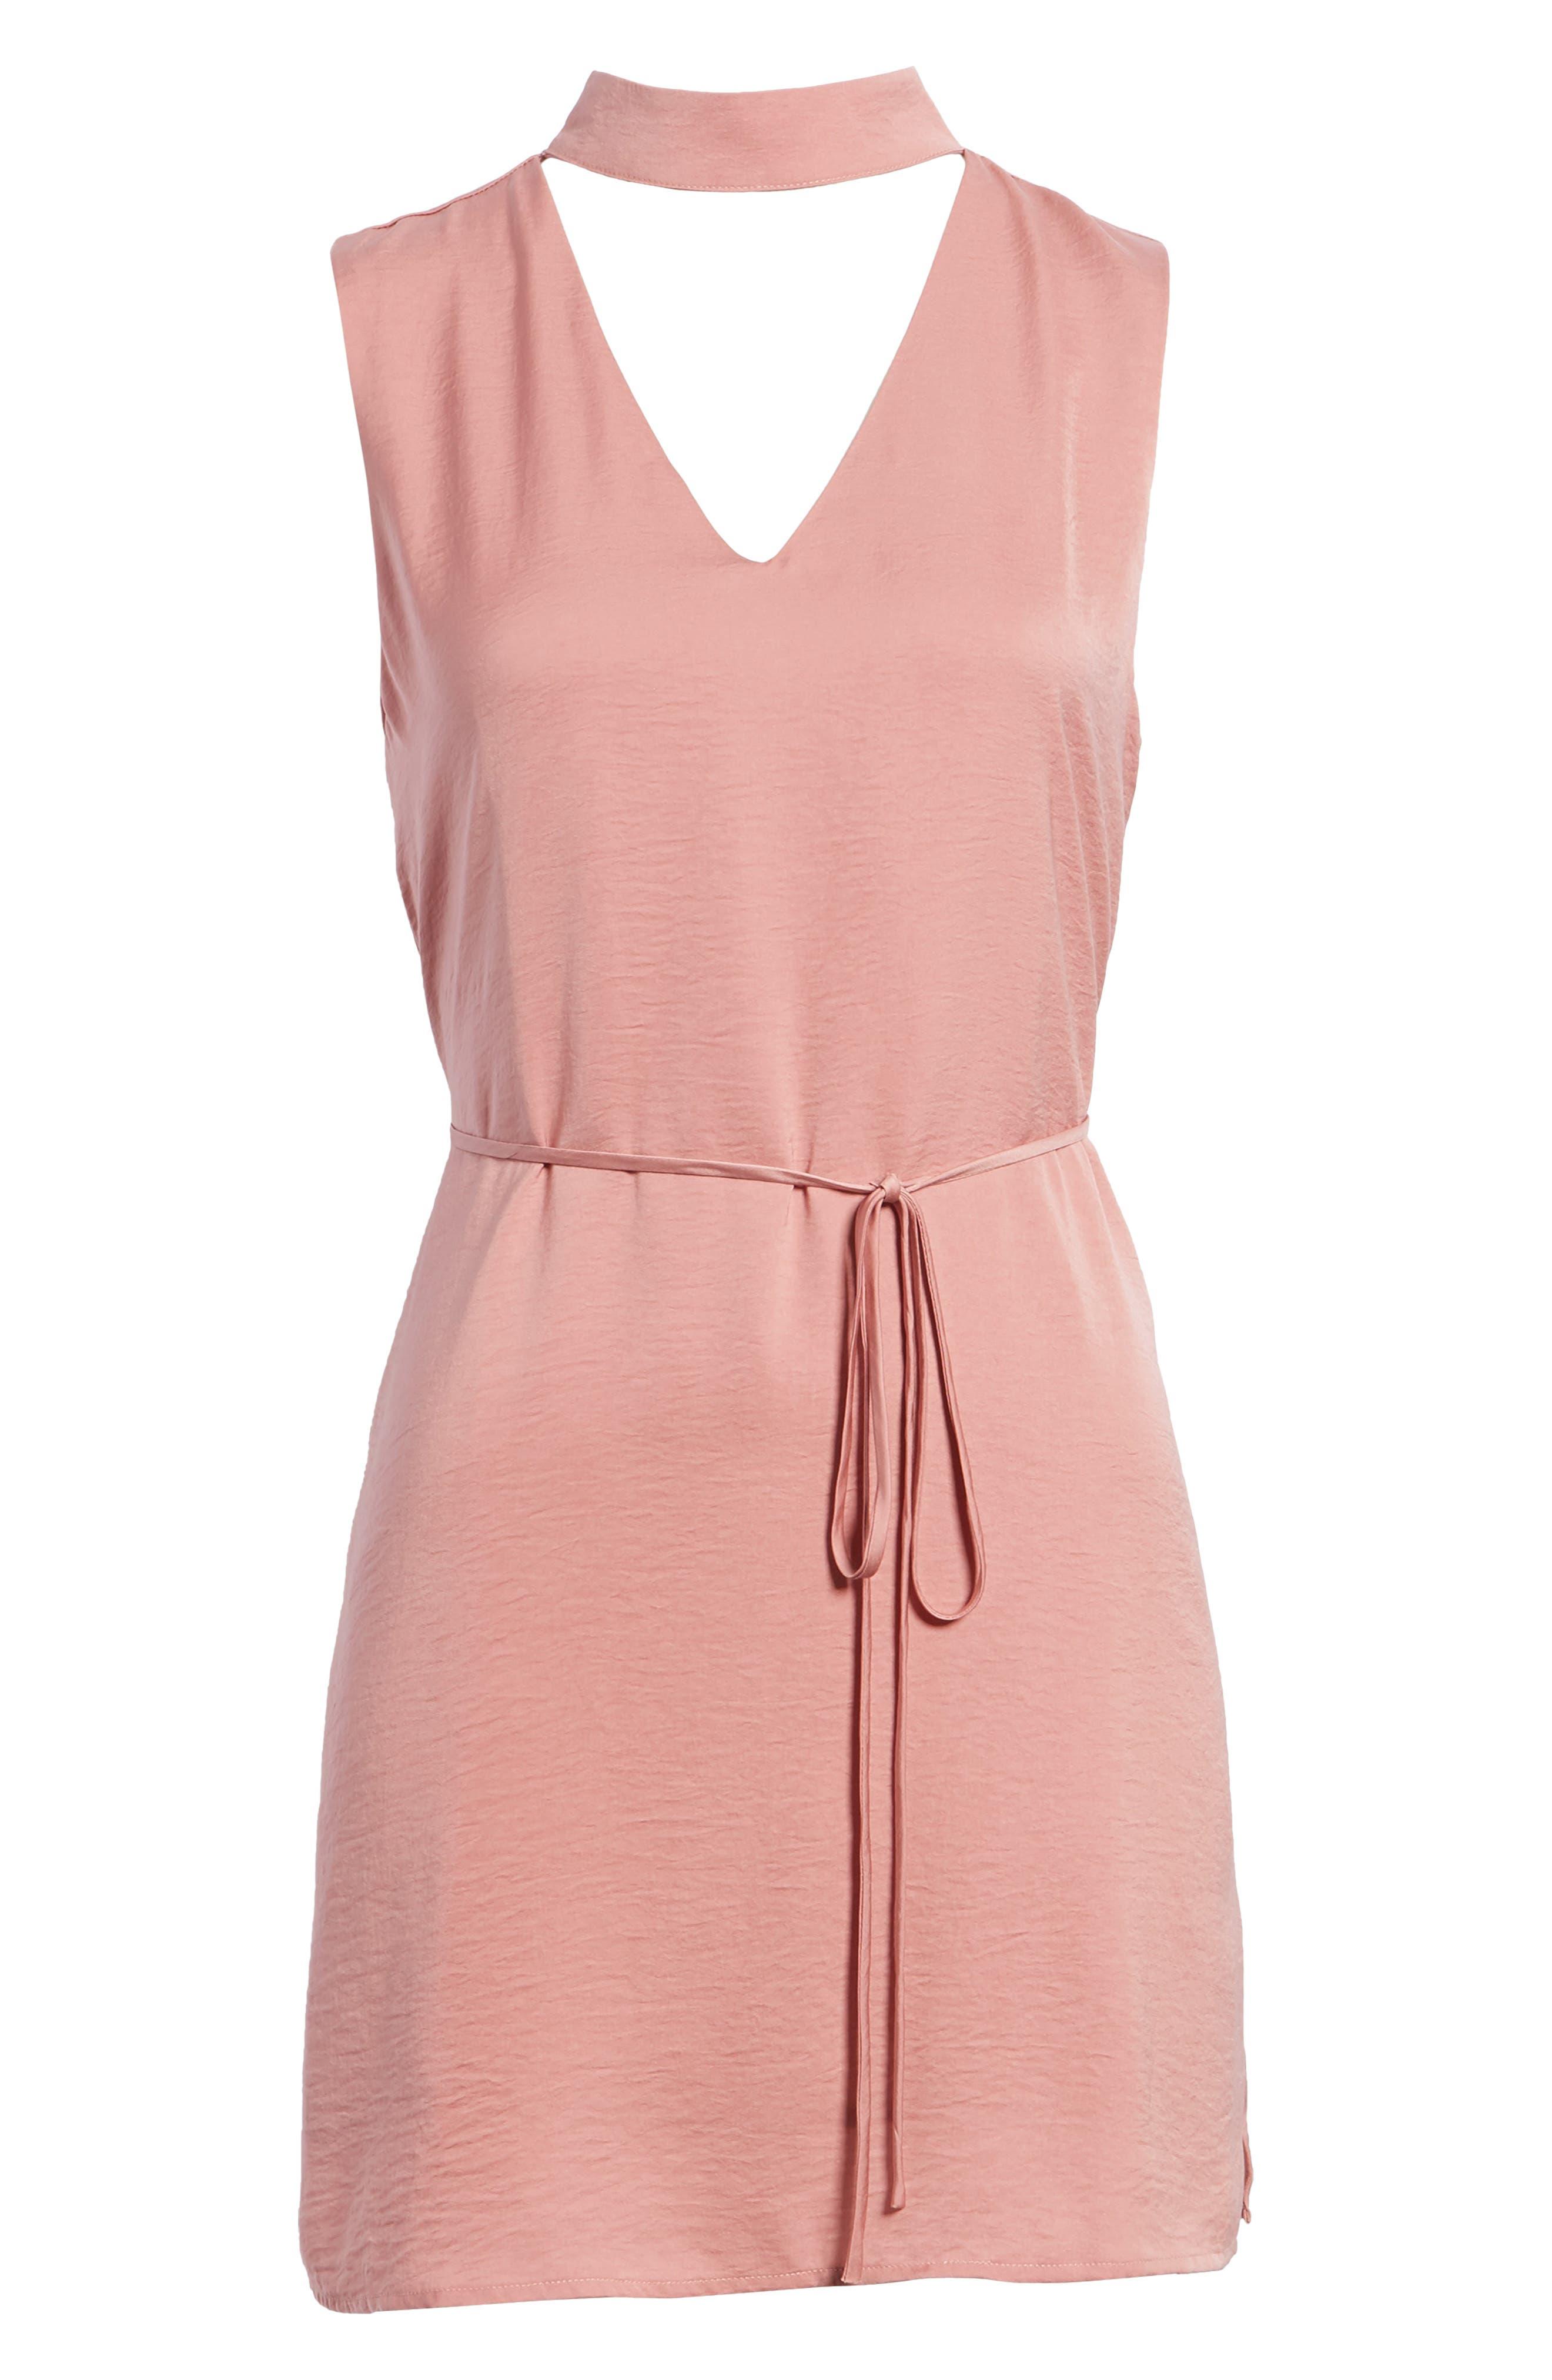 Hansel Sleeveless Dress,                             Alternate thumbnail 7, color,                             FADED ROSE